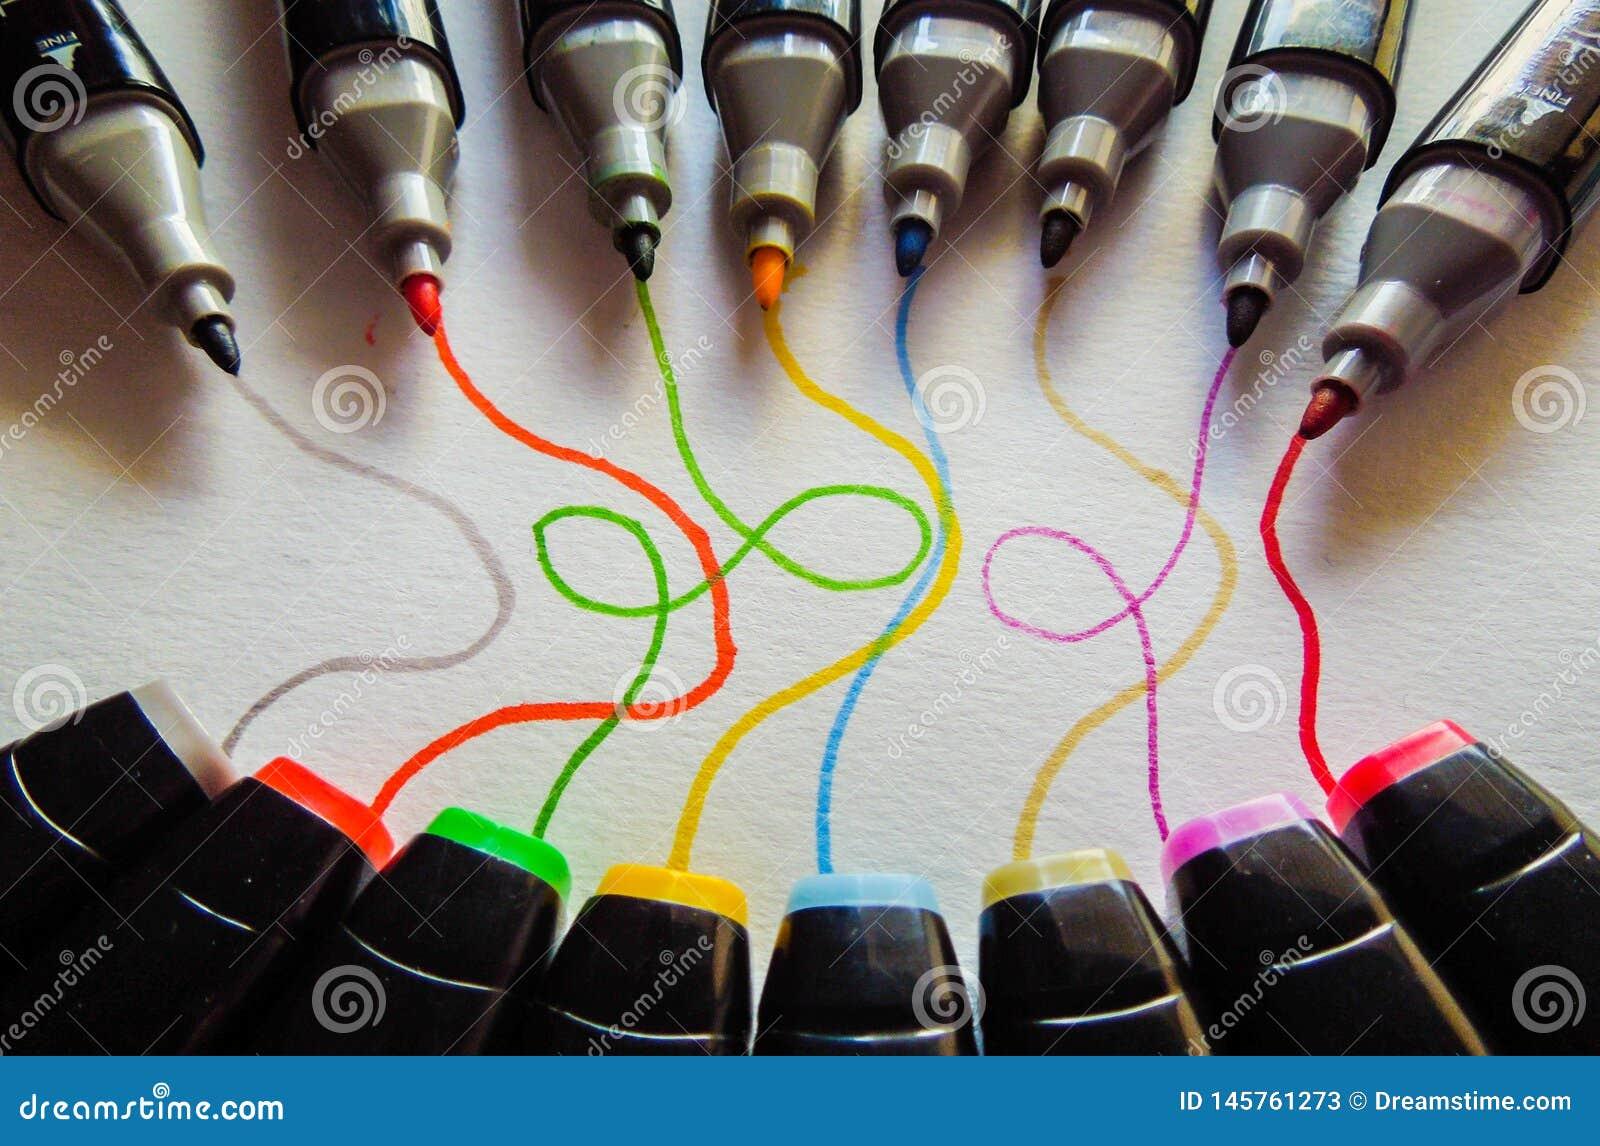 Gekleurde tellers met lijnen die uit hen komen